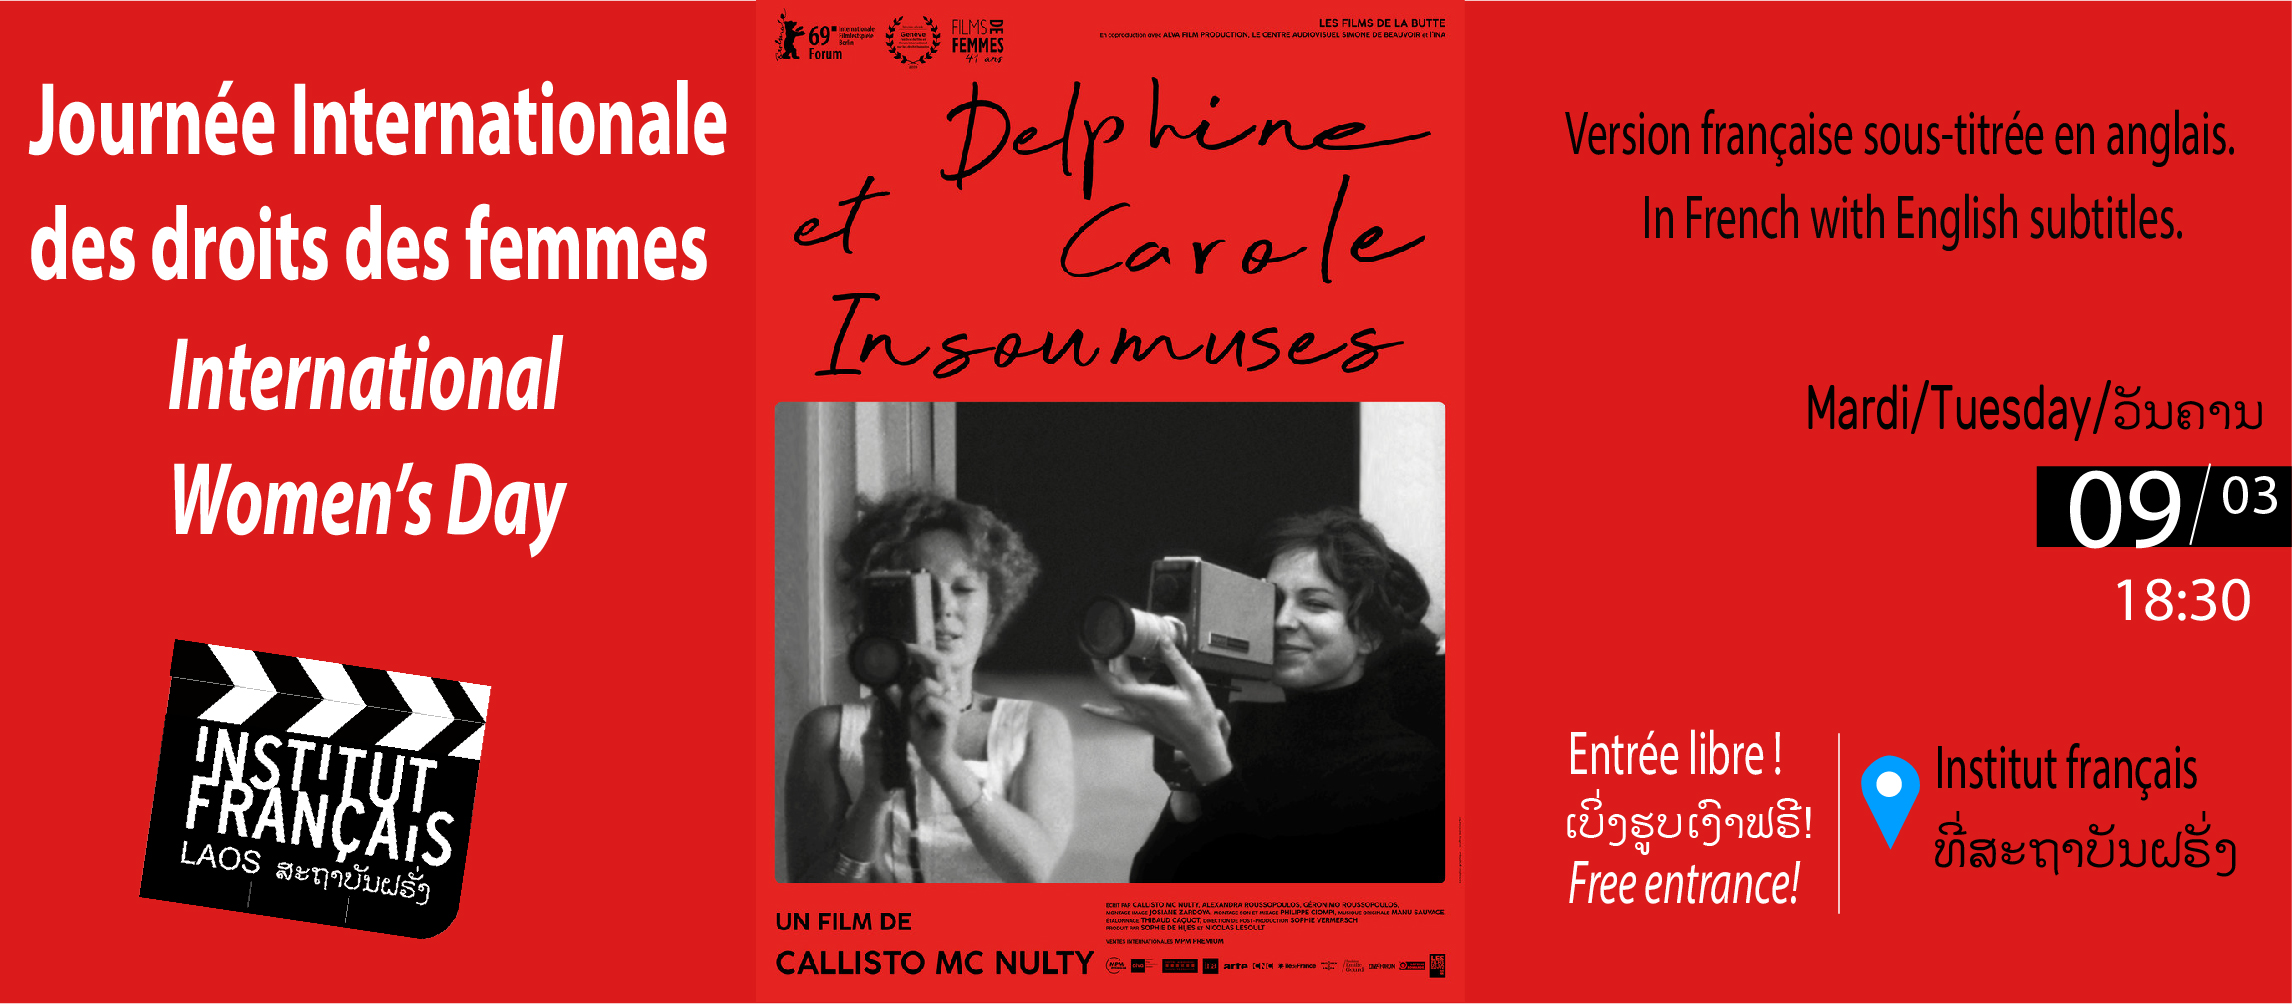 CINEMA // DELPHINE ET CAROLE, INSOUMUSES